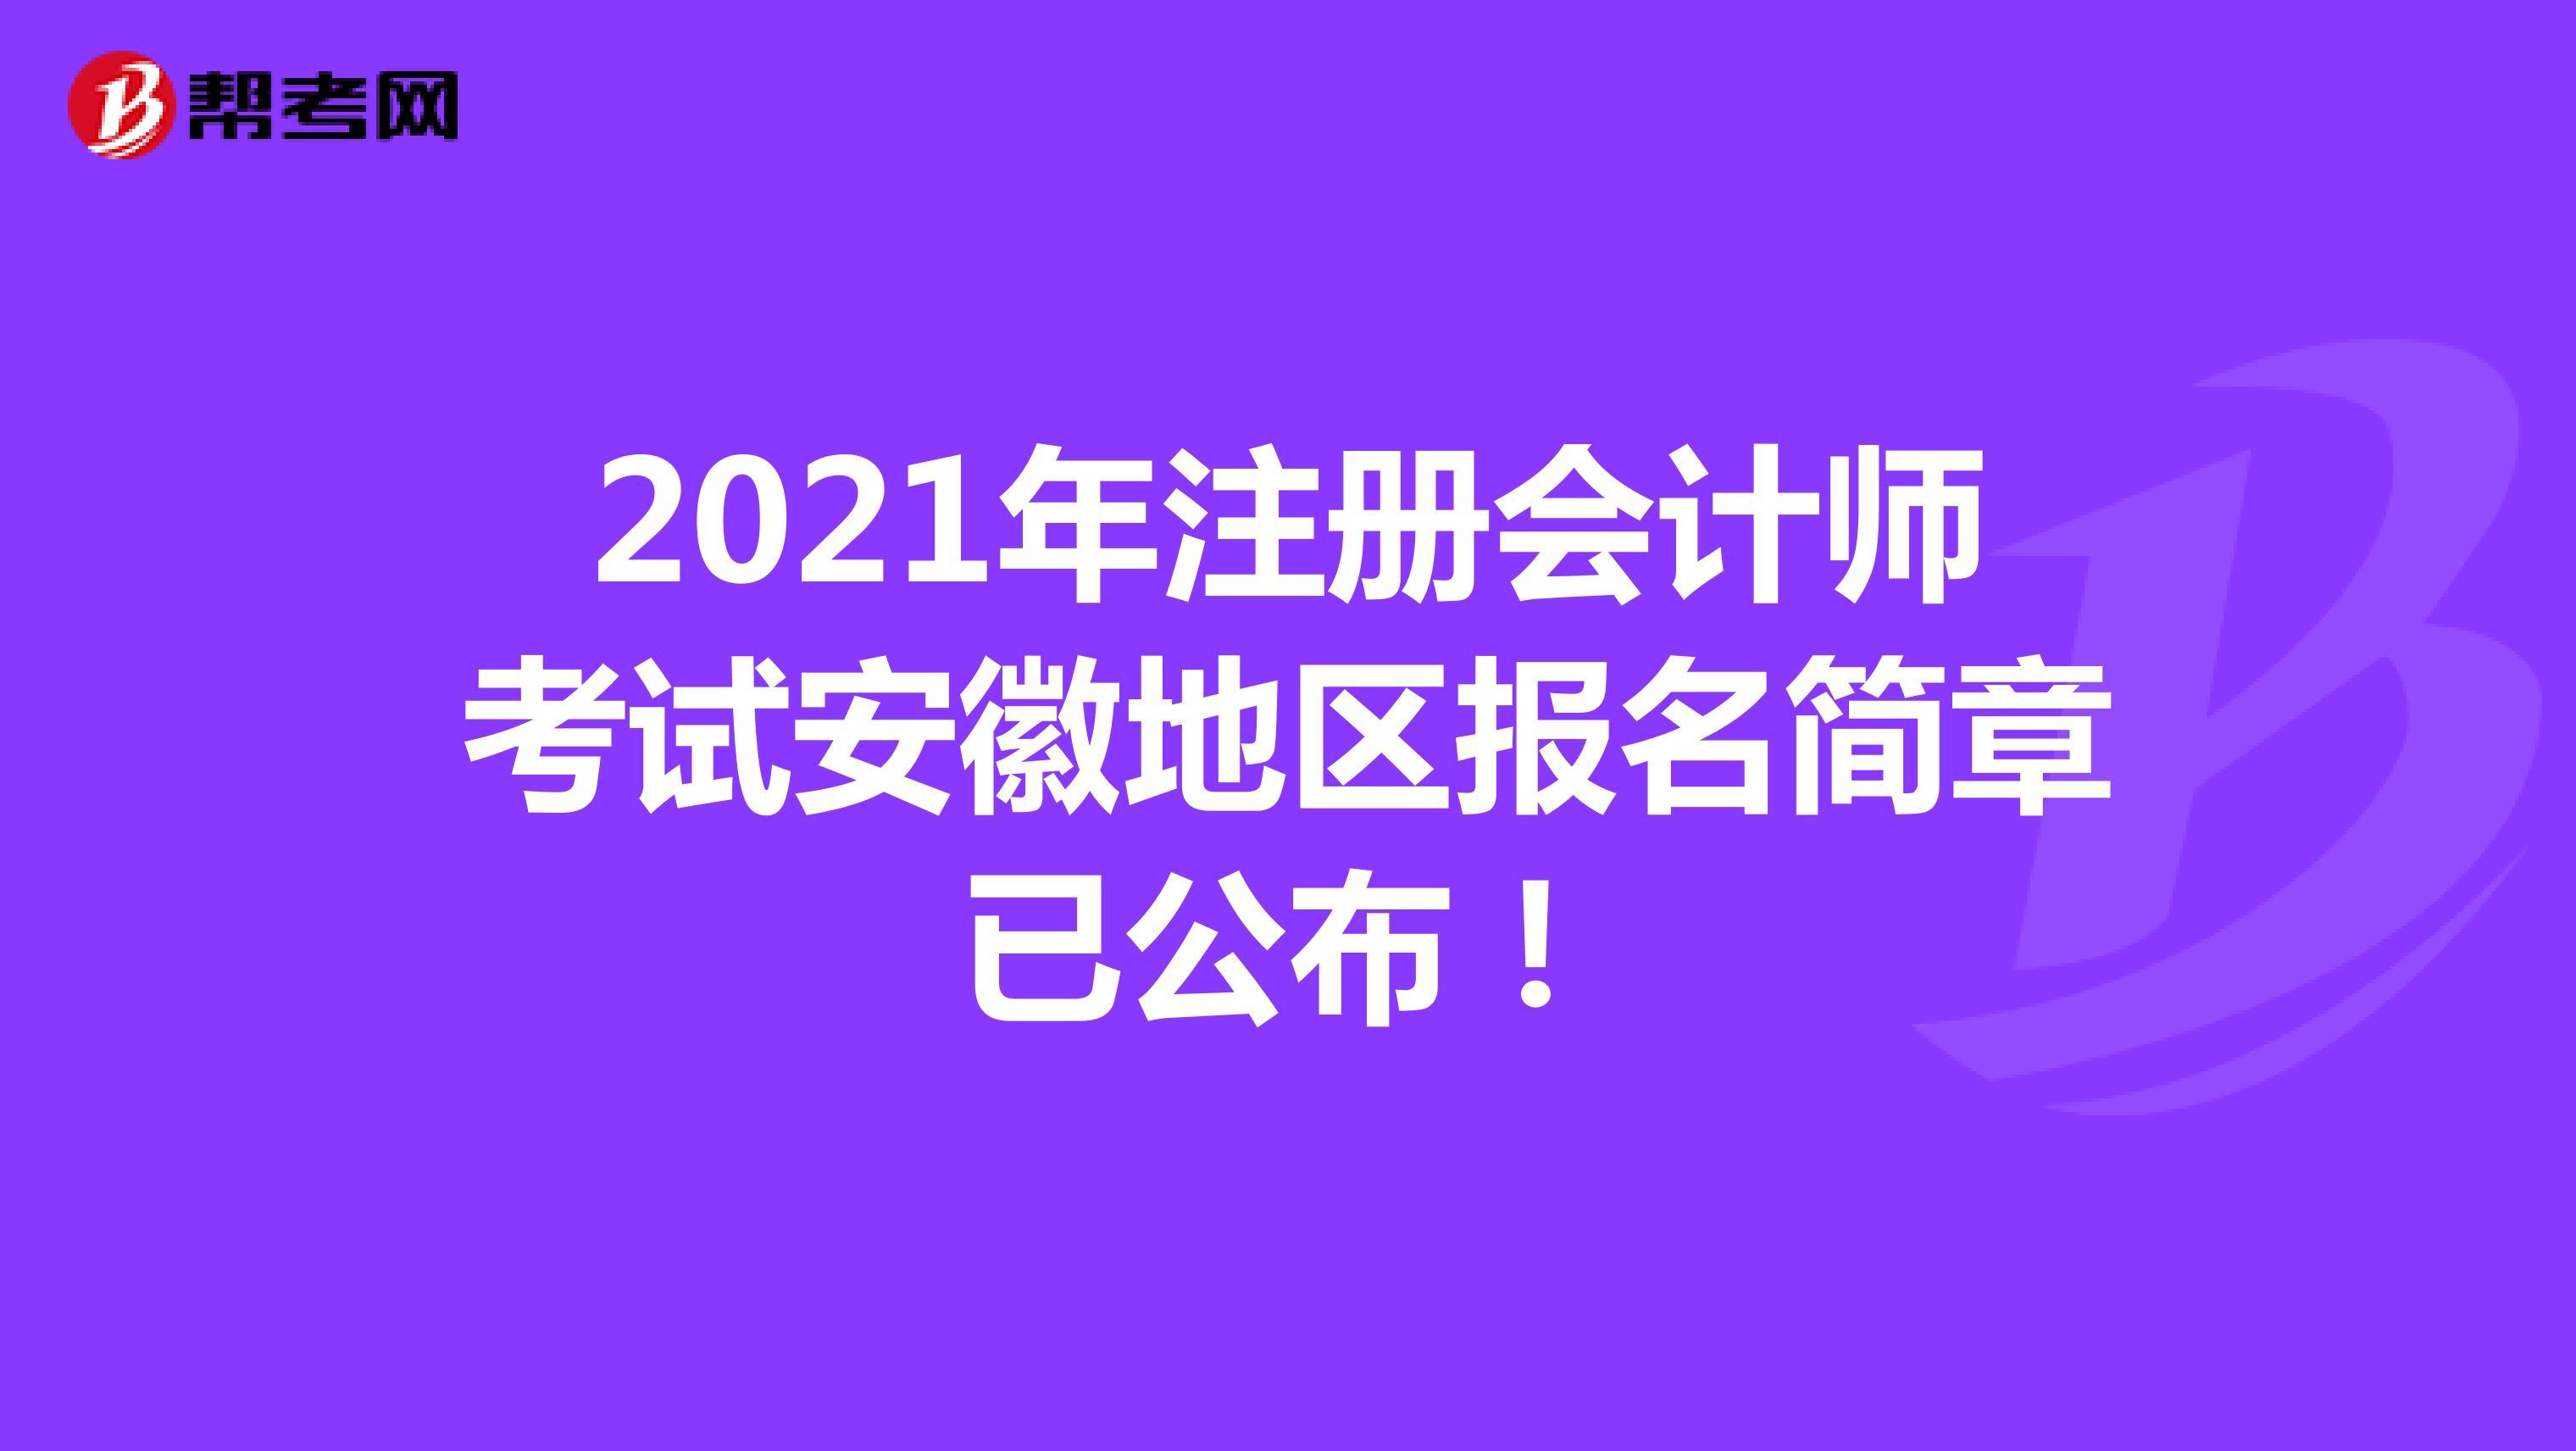 2021年注册会计师考试安徽地区报名简章已公布!